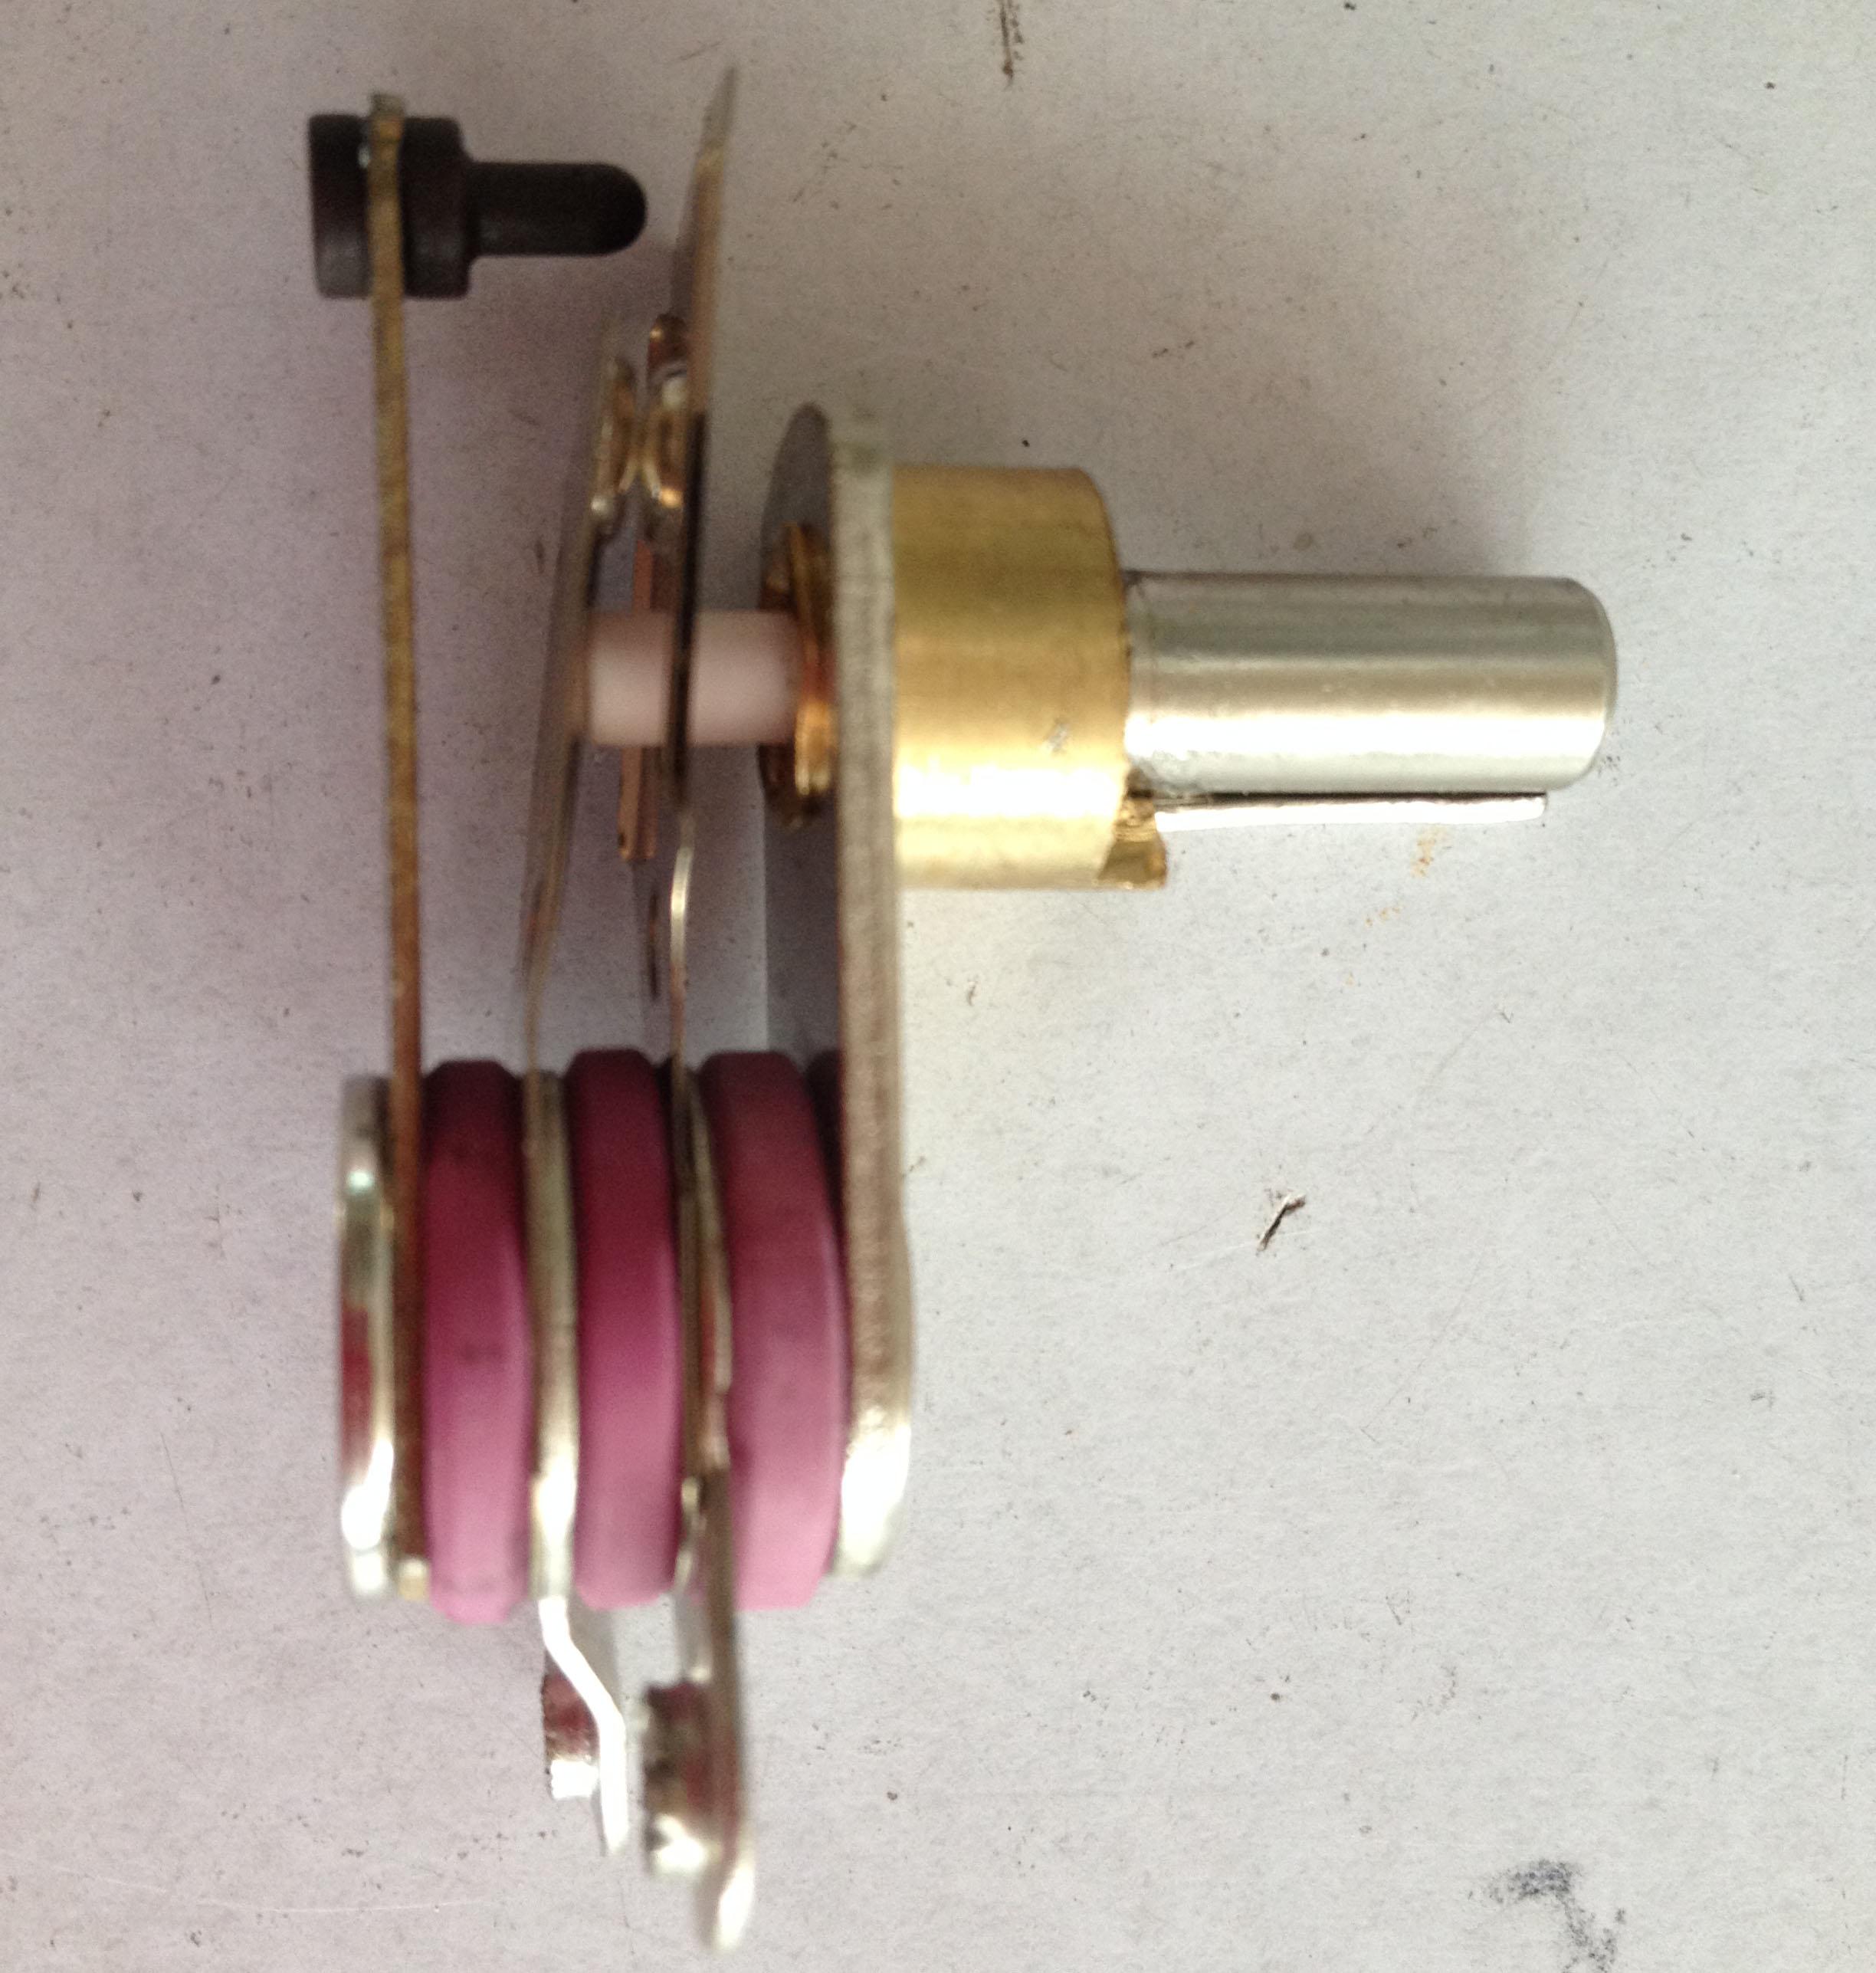 银星原装蒸汽电熨斗配件 调温器 温控器 旋钮温度调节图片